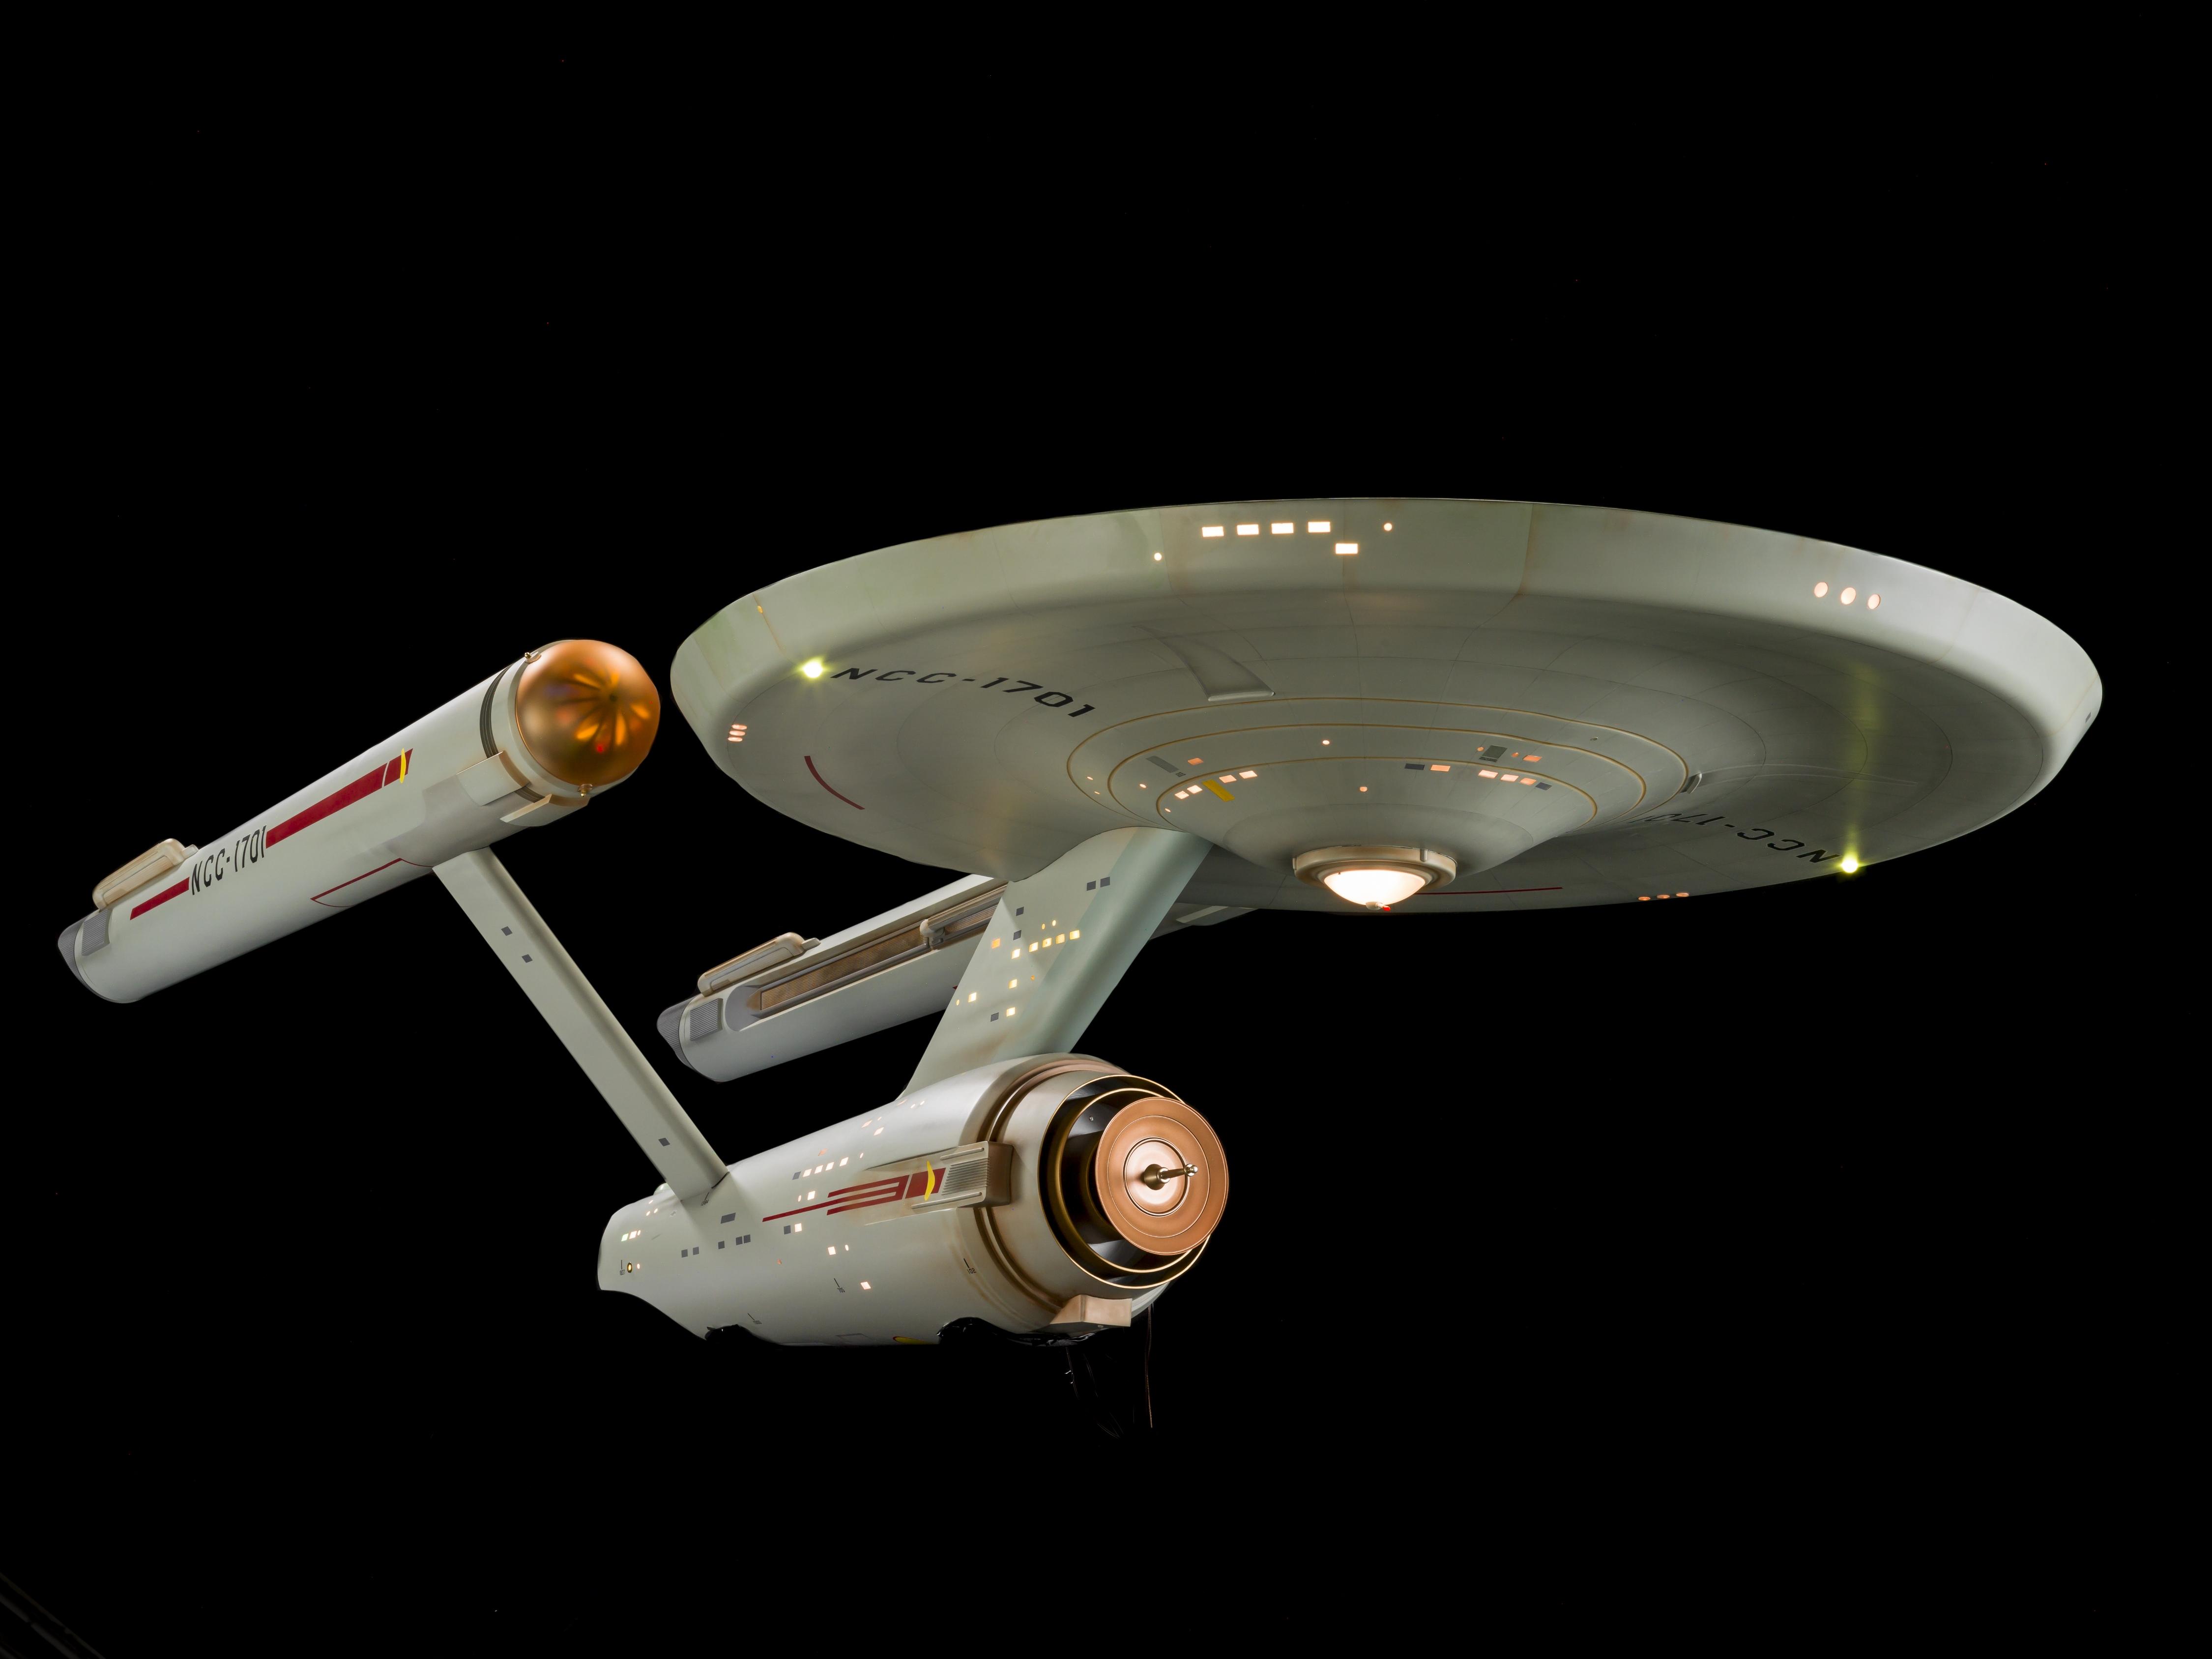 Kirk and Spock Still Fascinate as 'Star Trek' Turns 50